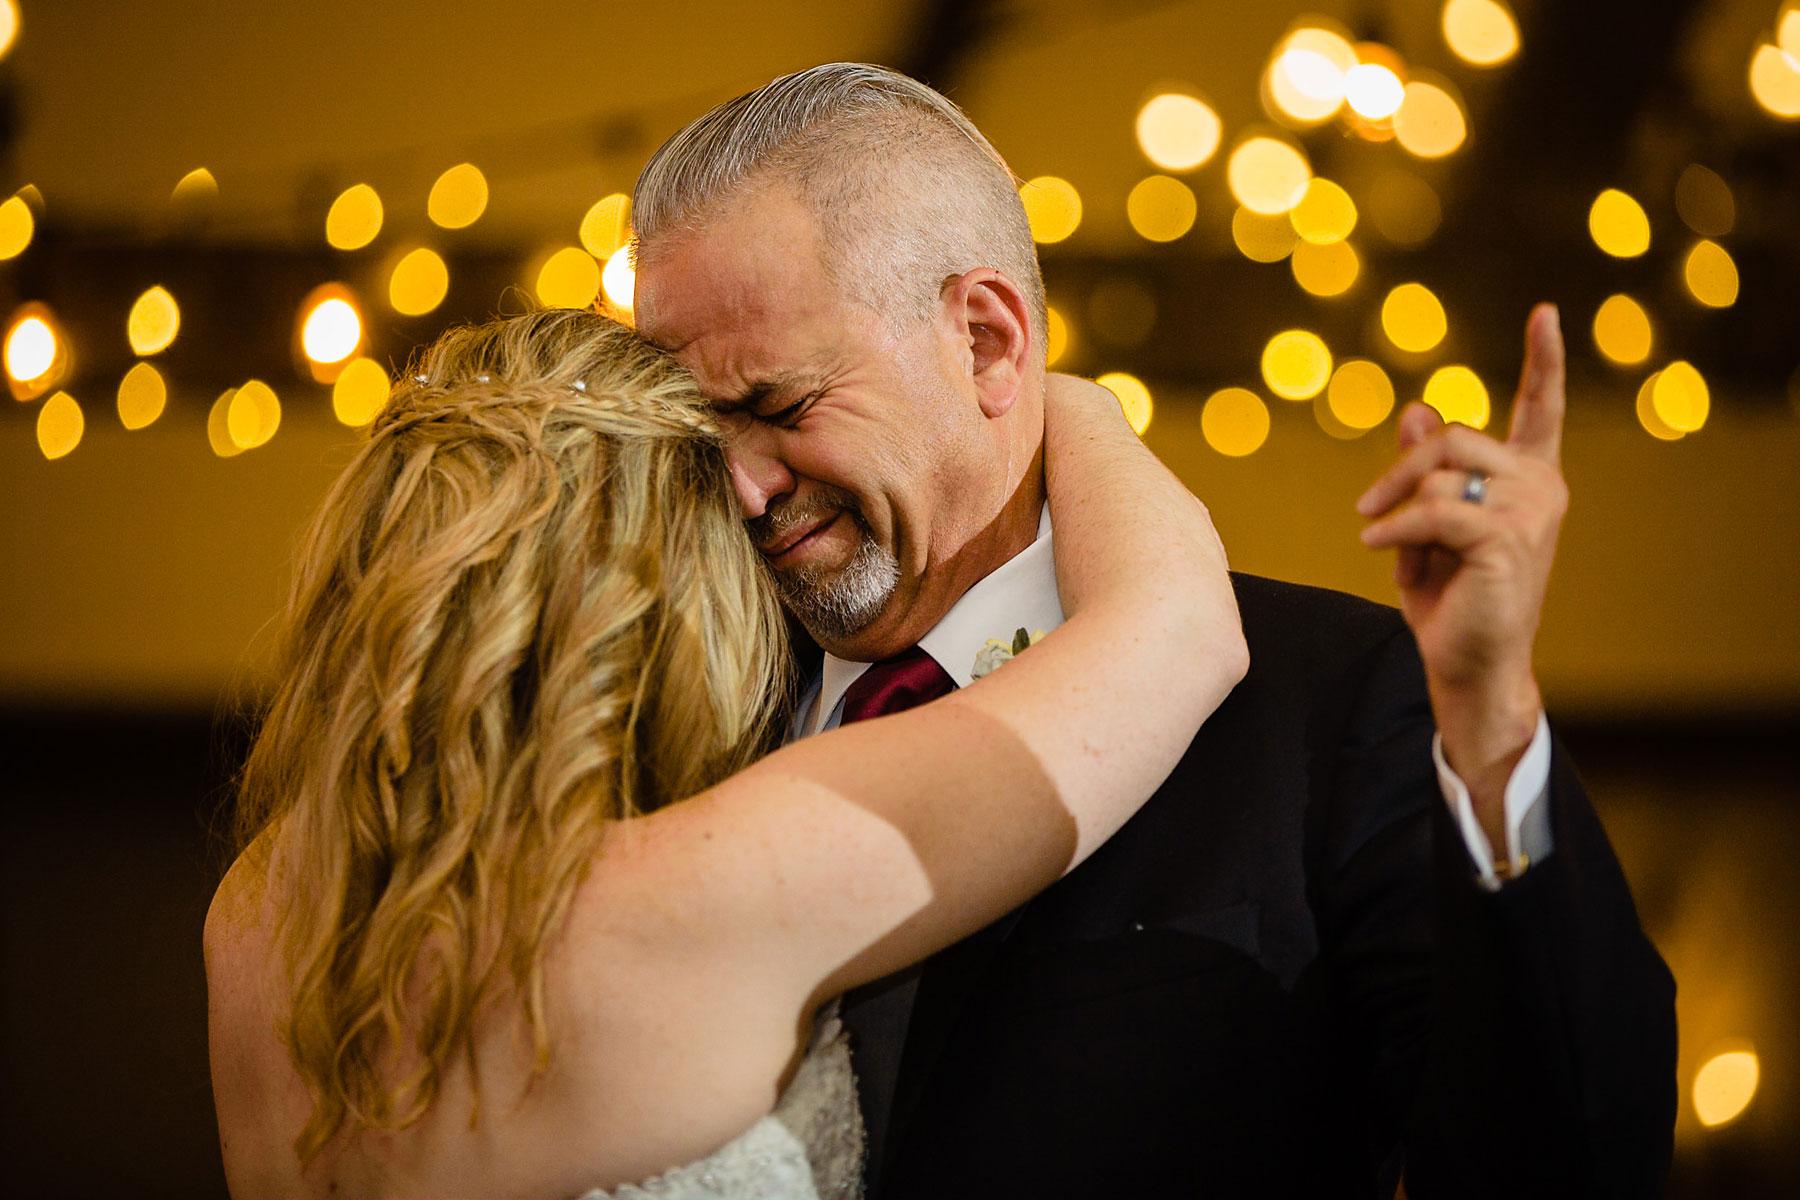 Hochzeitsfotografie Momente mit den Eltern. Foto, das den Vati festhält, der mit seiner Tochter tanzt. Eltern, die an der Hochzeit emotional erhalten.